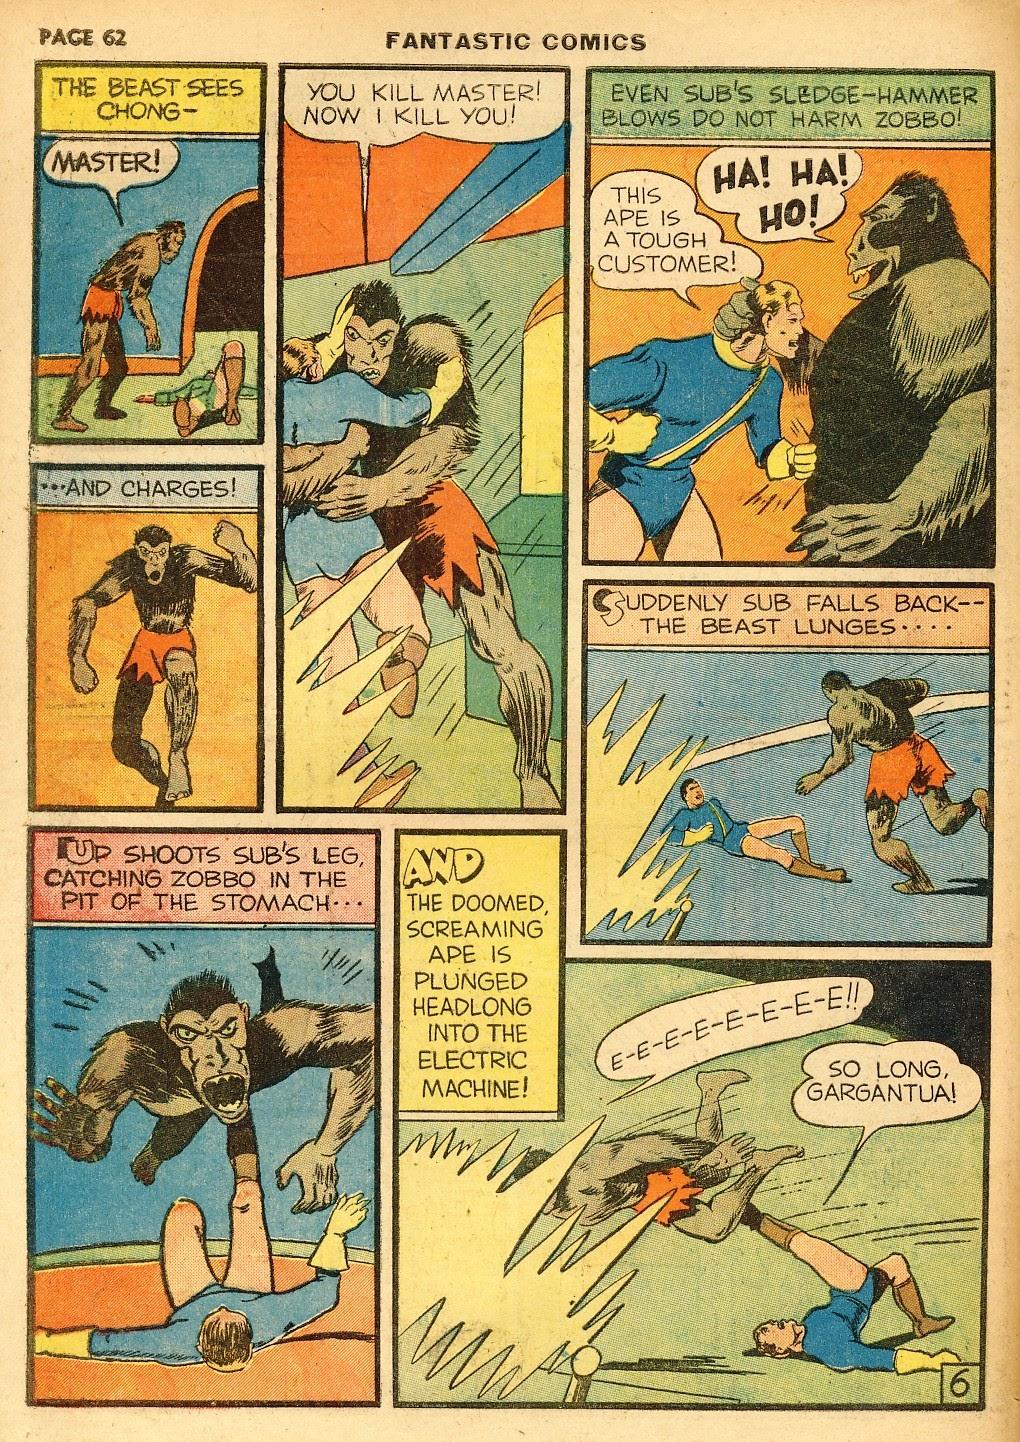 Read online Fantastic Comics comic -  Issue #10 - 63